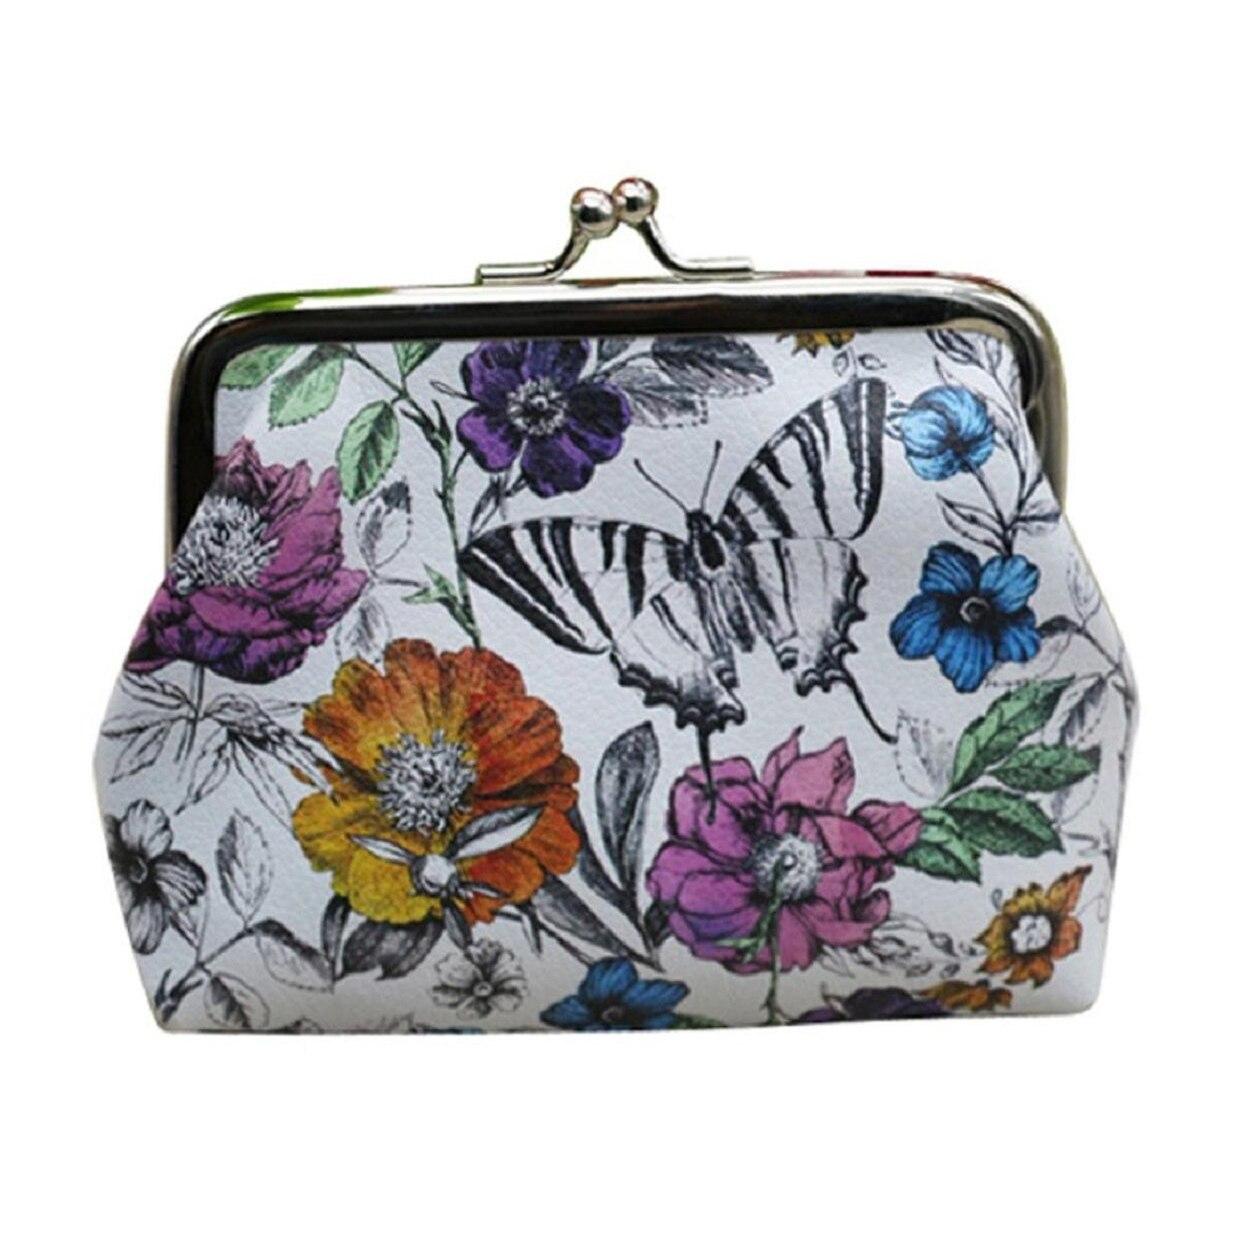 10pcs( ASDS Womens Lady Wallet Bag Coin Purse Clutch Handbag (Butterfly)<br><br>Aliexpress